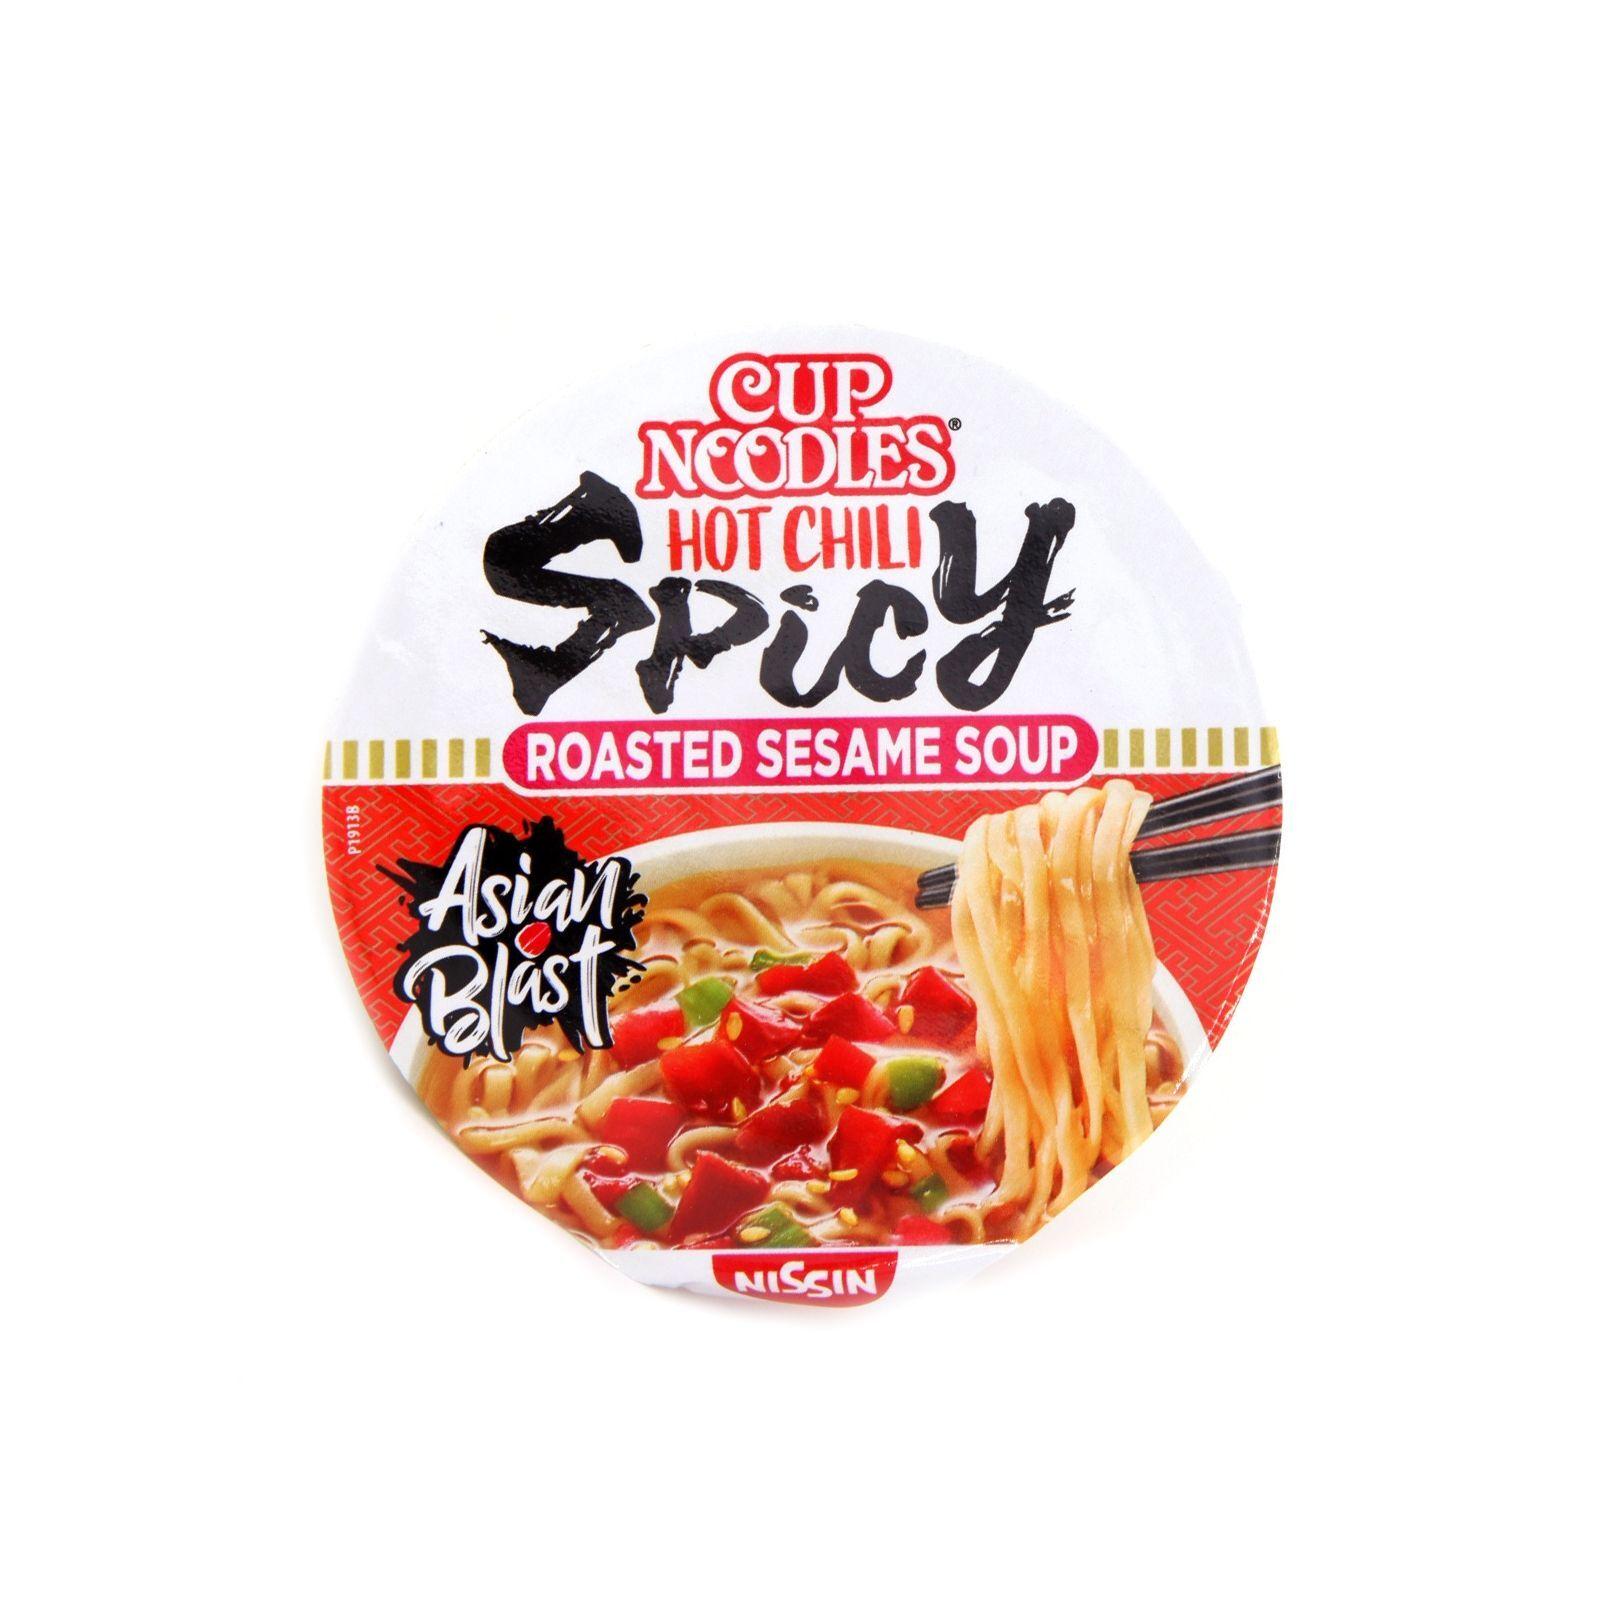 Asia Marché Soupe de nouilles épicée au sésame 63g Cup Noodle